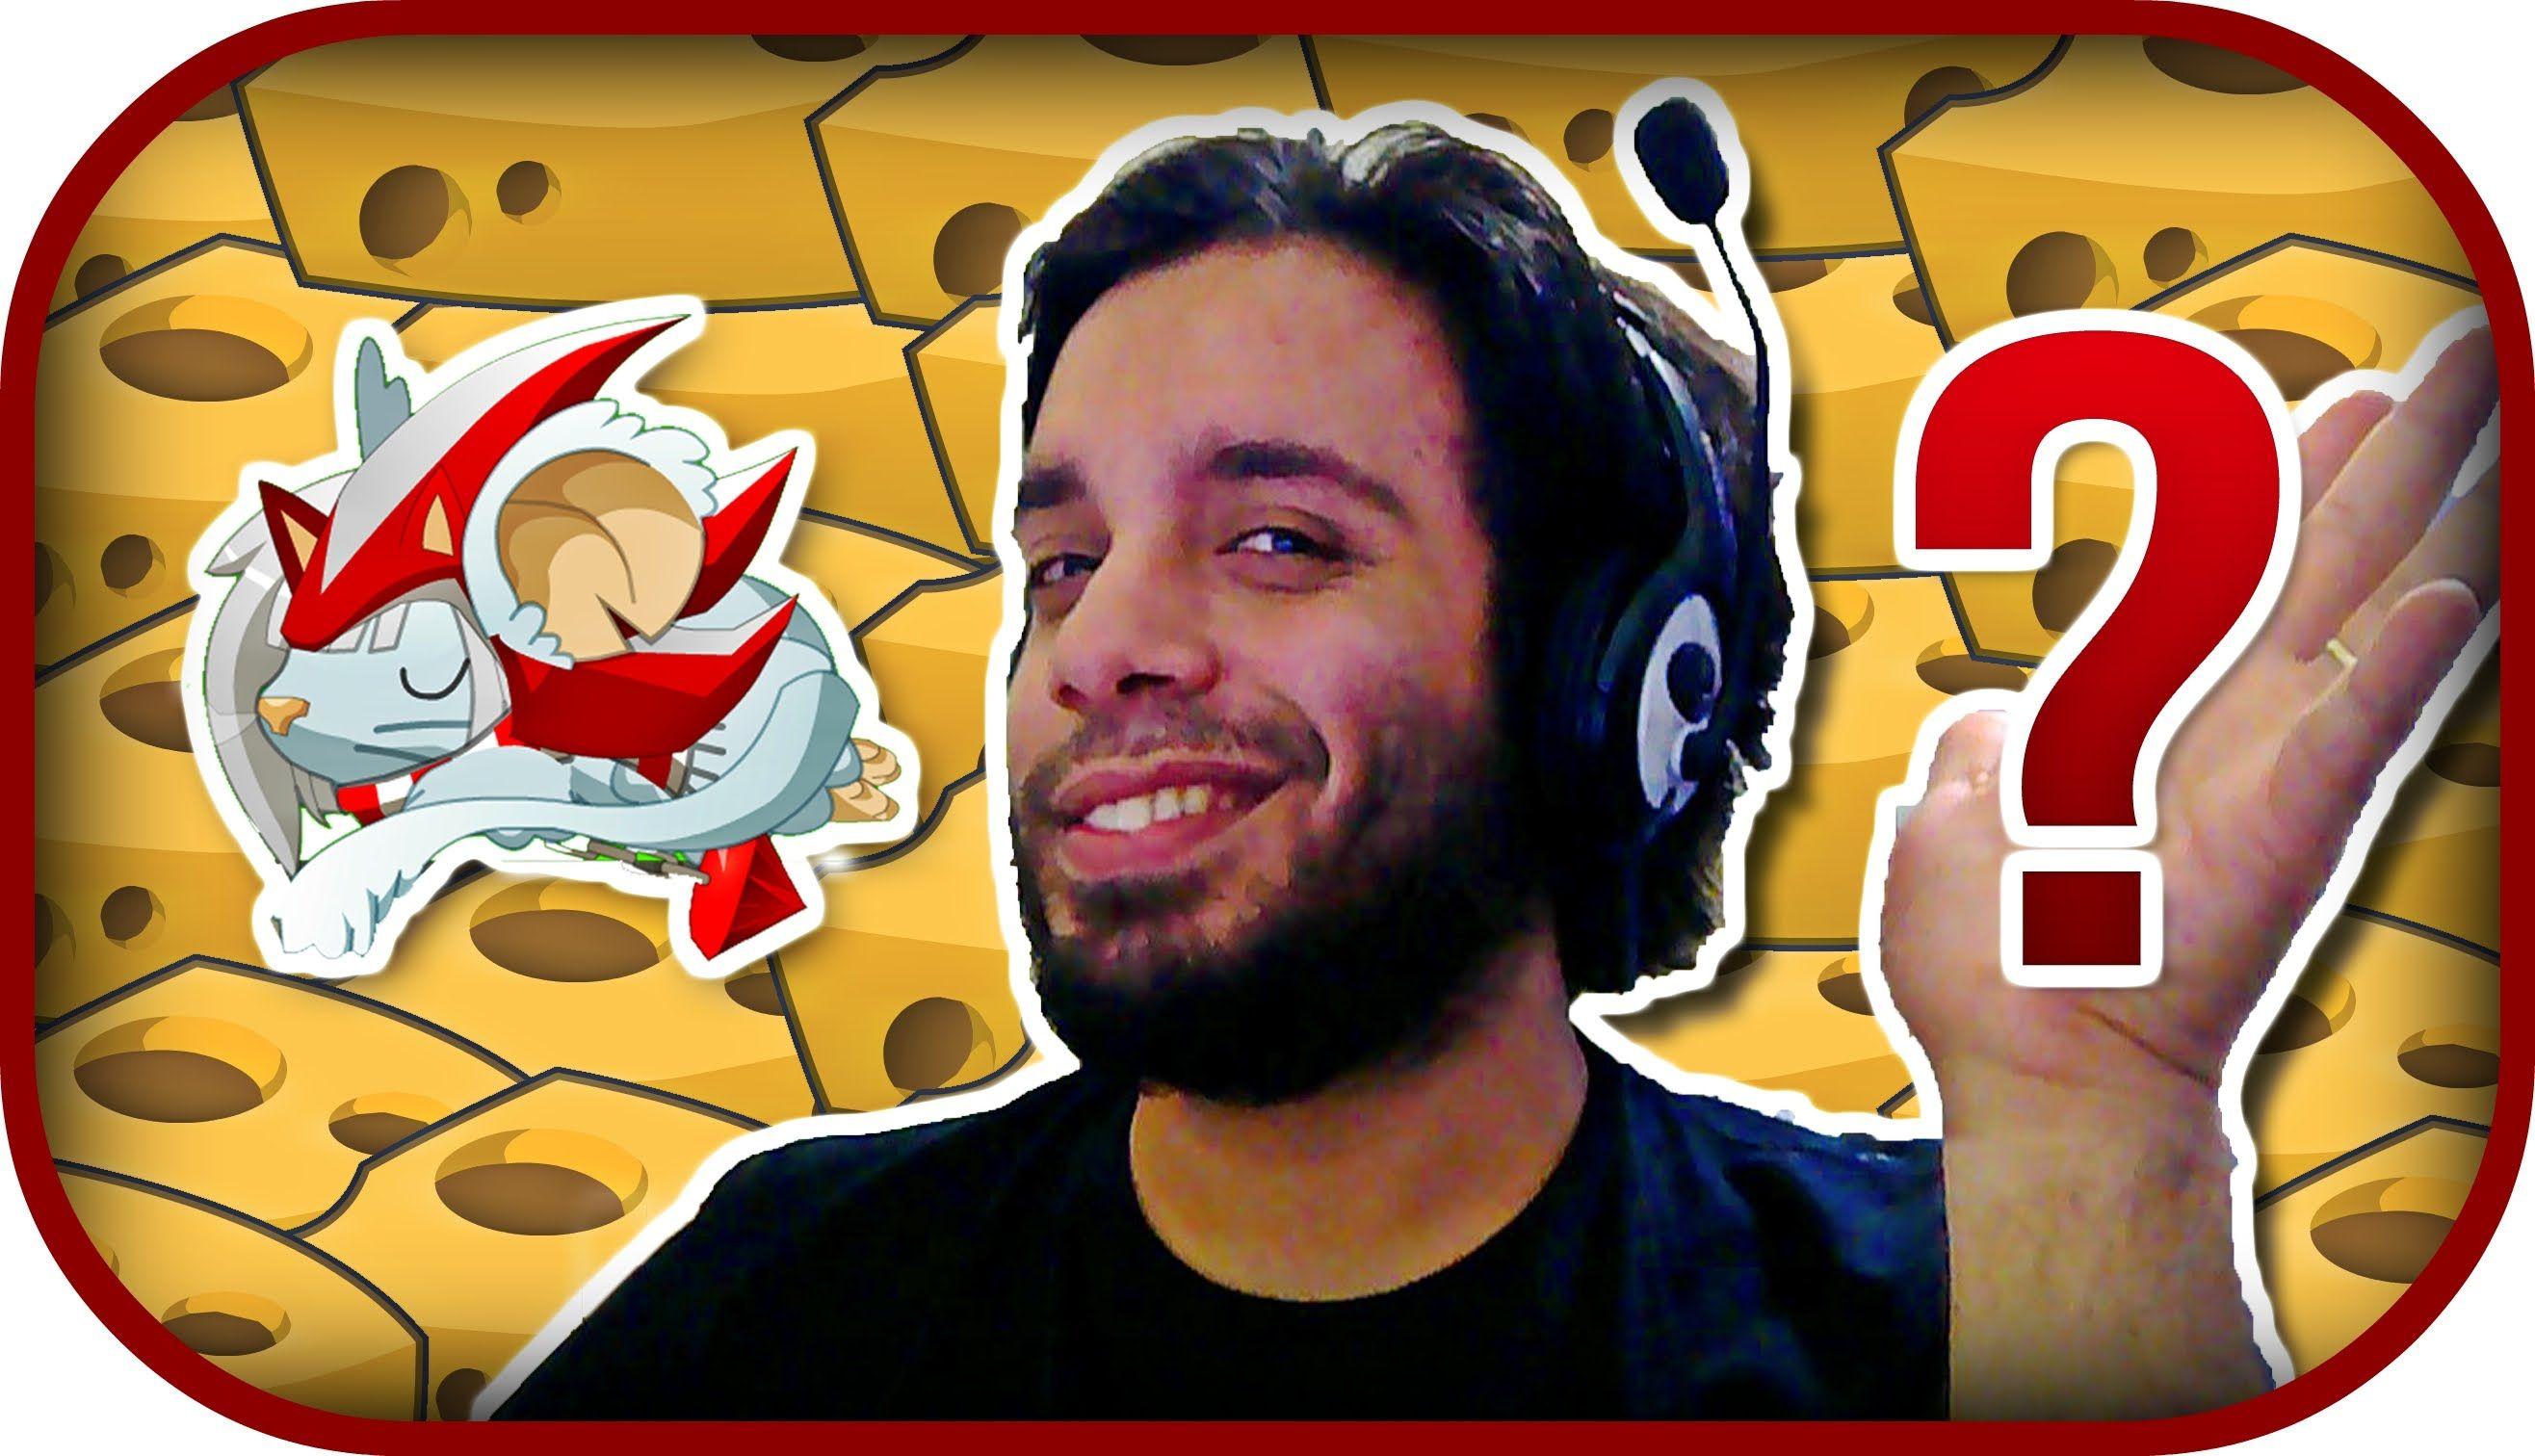 TRANSFORMICE - REFERENDUNS COMUNIDADE BR ★★★★★★★★★★   Se curtiu se inscreva: http://goo.gl/HWpje4 Para conhecer mais do canal: http://www.youtube.com/Winamice Siga-nos no Google Plus: http://www.google.com/+WinamiceOficial Nossa página no Facebook: http://www.facebook.com/WinamiceOficial Twitter: http://www.twitter.com/Winamice Insta: http://www.instagram.com/Winamice Tumblr: http://winamice.tumblr.com/ Pinterest: https://br.pinterest.com/winamice/